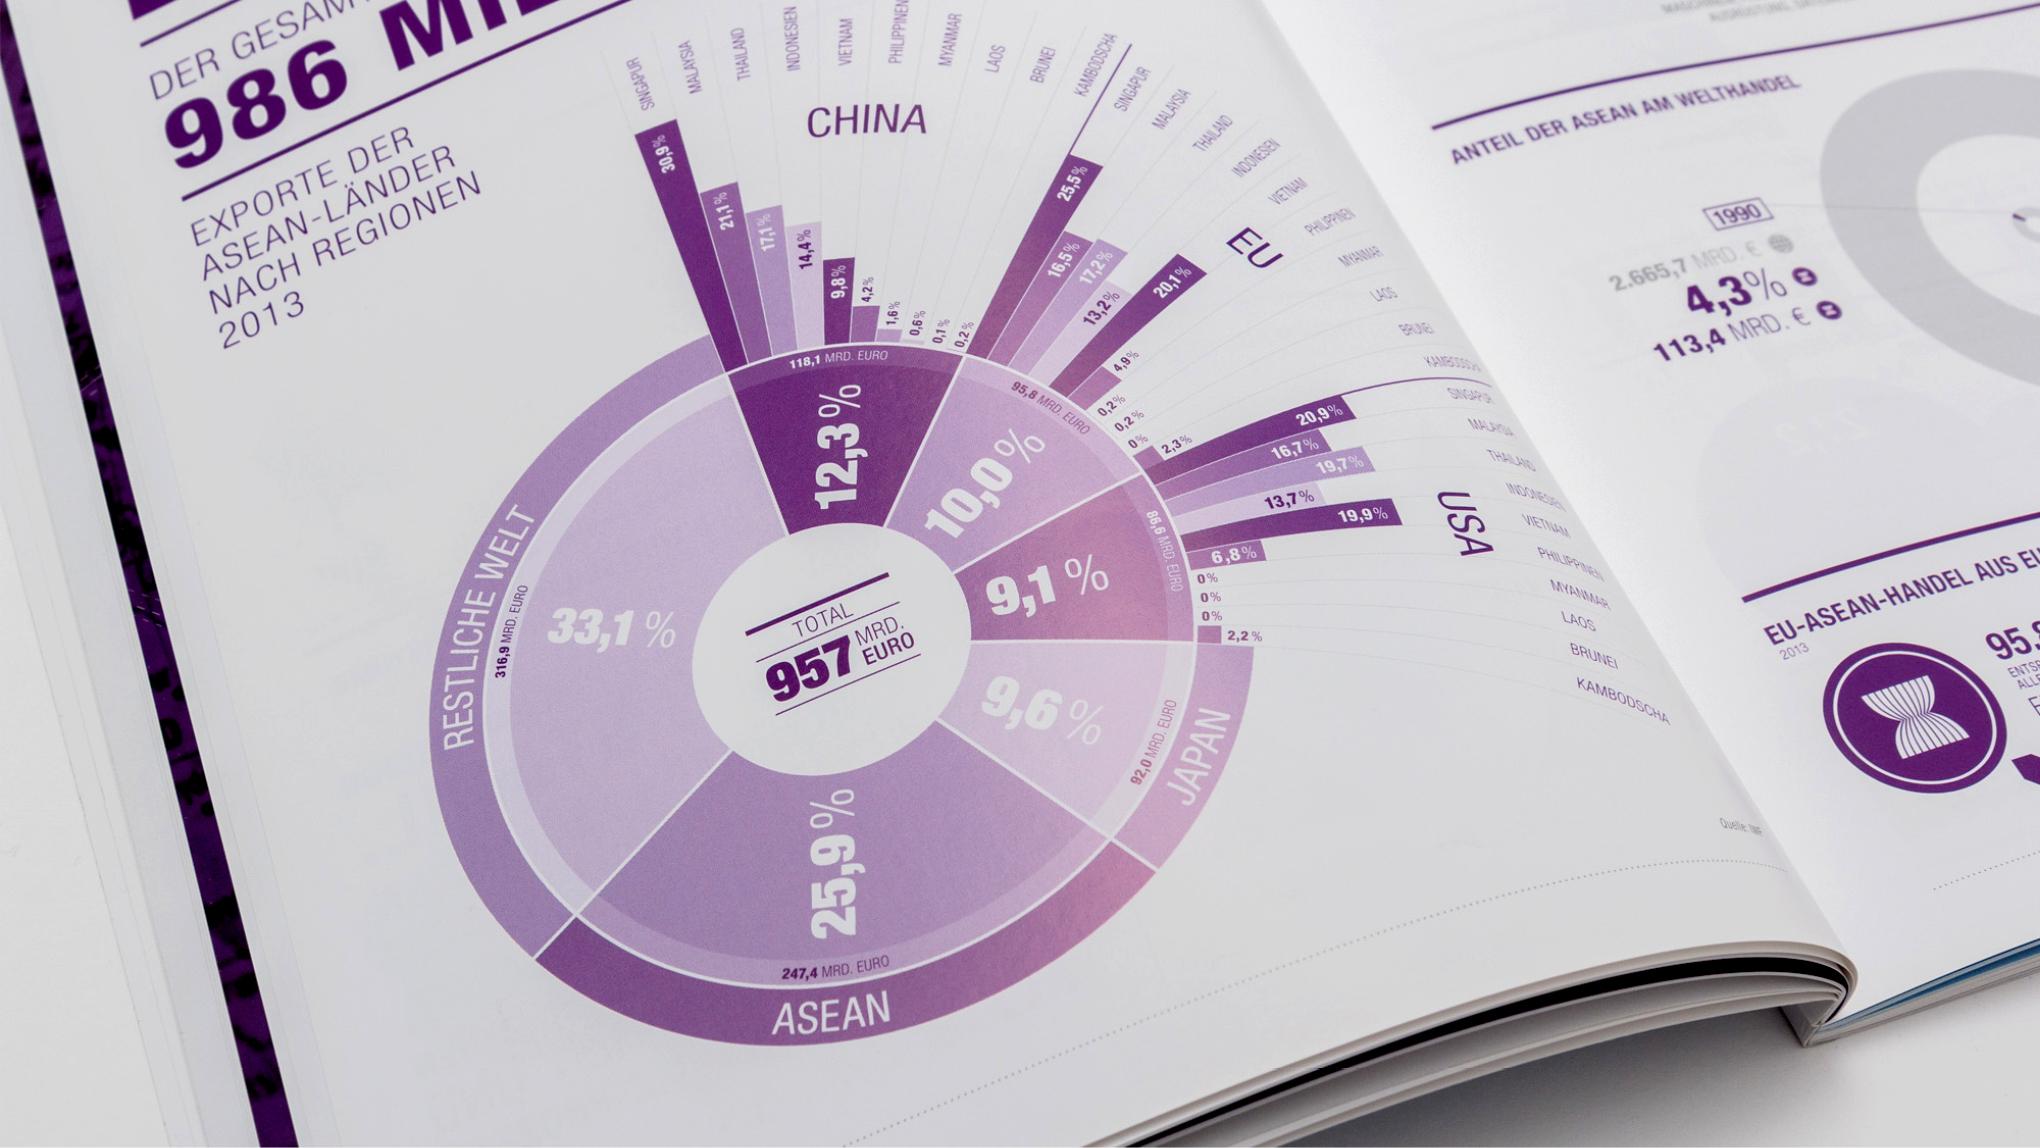 Infografik von den sons of ipanema, studio für visuelle Kommunikation in Köln für das Asean Factbook in Koorperation mit  buntebrause agentur  und dem  Handelsblatt Research Institute.  Grafik zeigt die Exporte der ASEAN-Länder nach Regionen 2013. Länder Japan, USA, Europa, China.